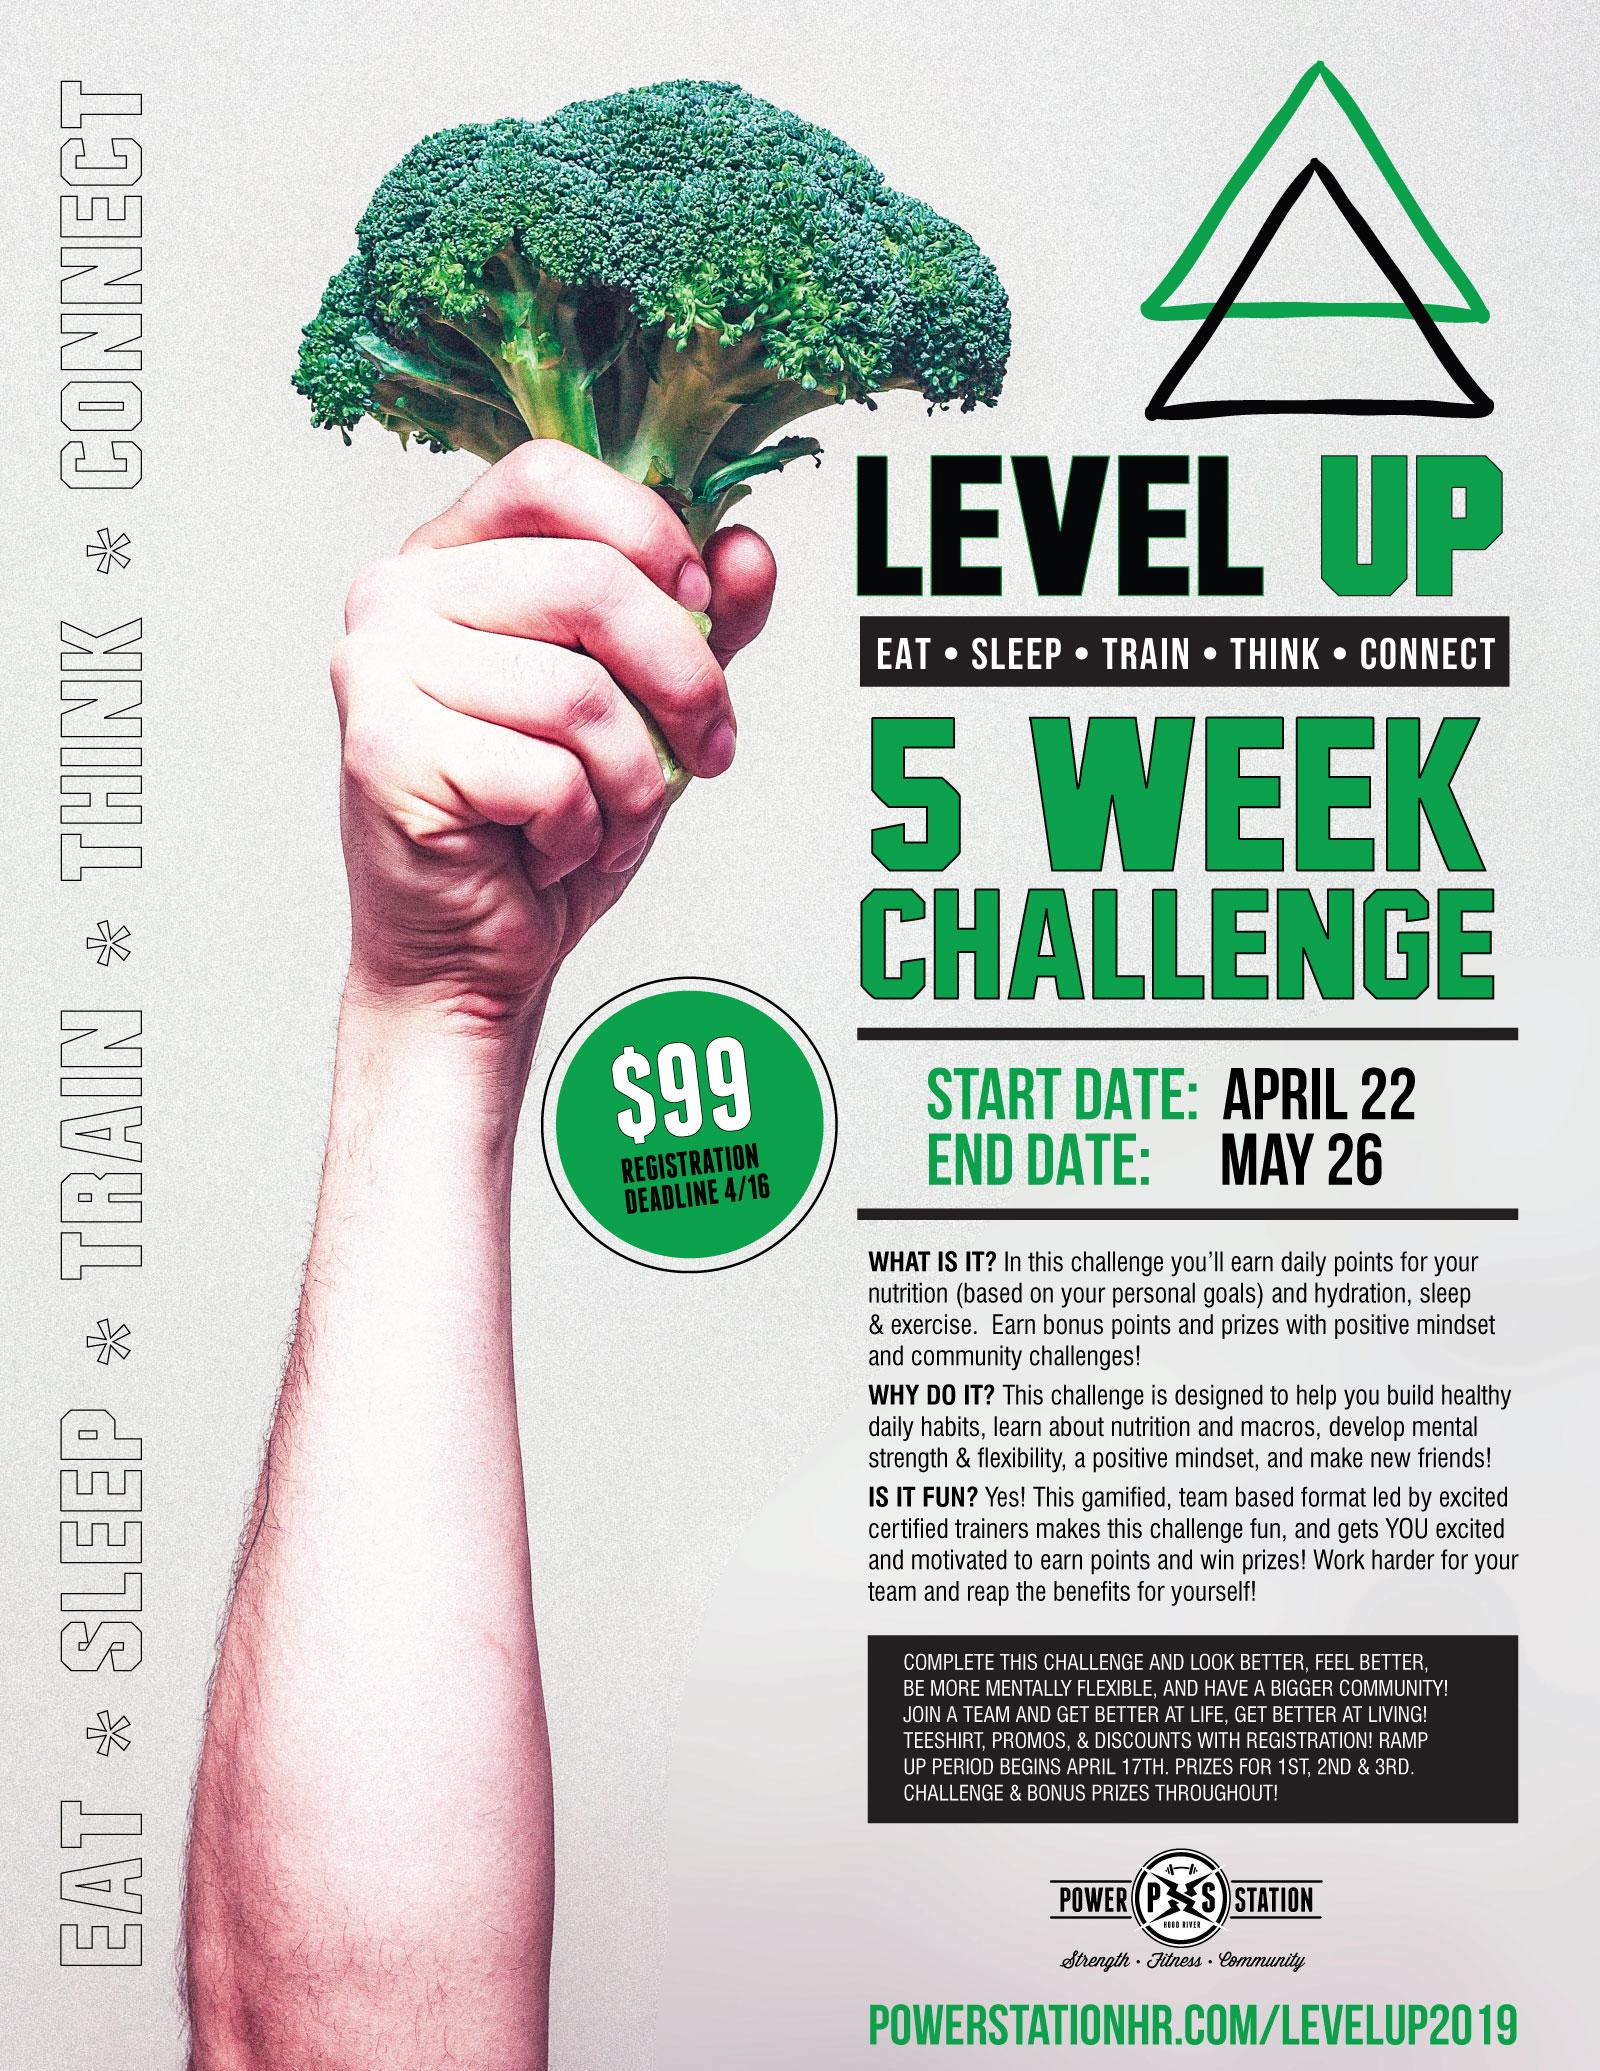 levelup-challenge.jpg